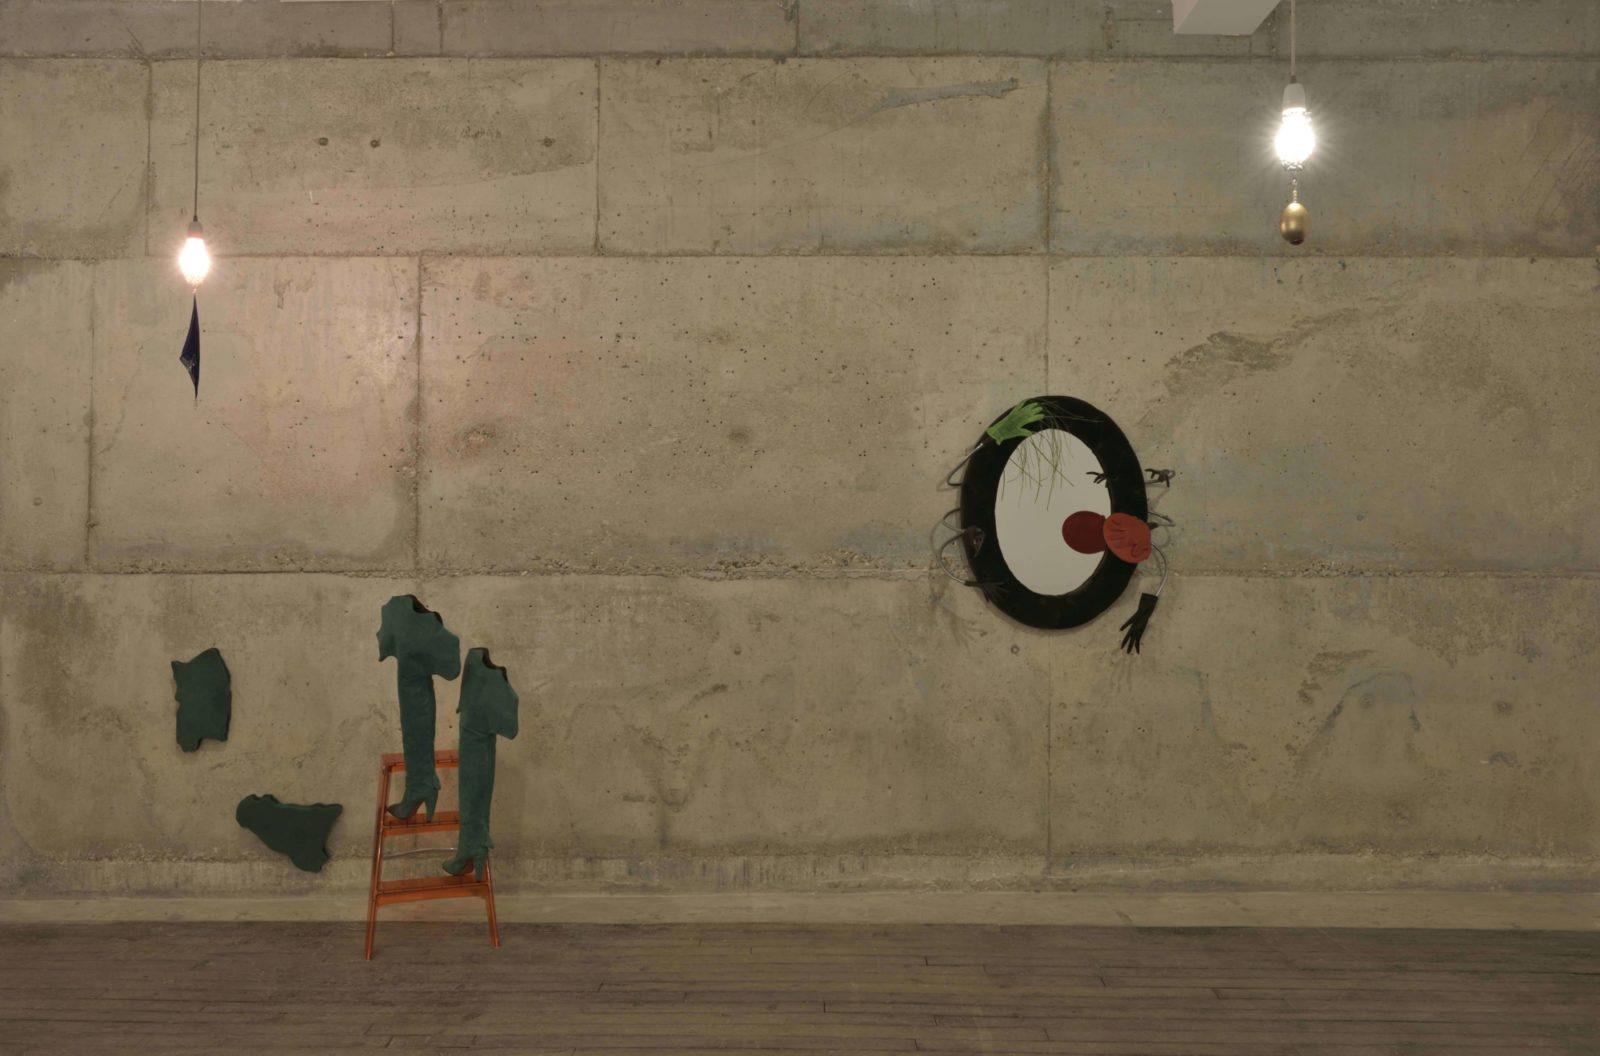 CR_deconnexion_courtesy-of-the-artist-and-Campoli-Presti-LondonParis-17